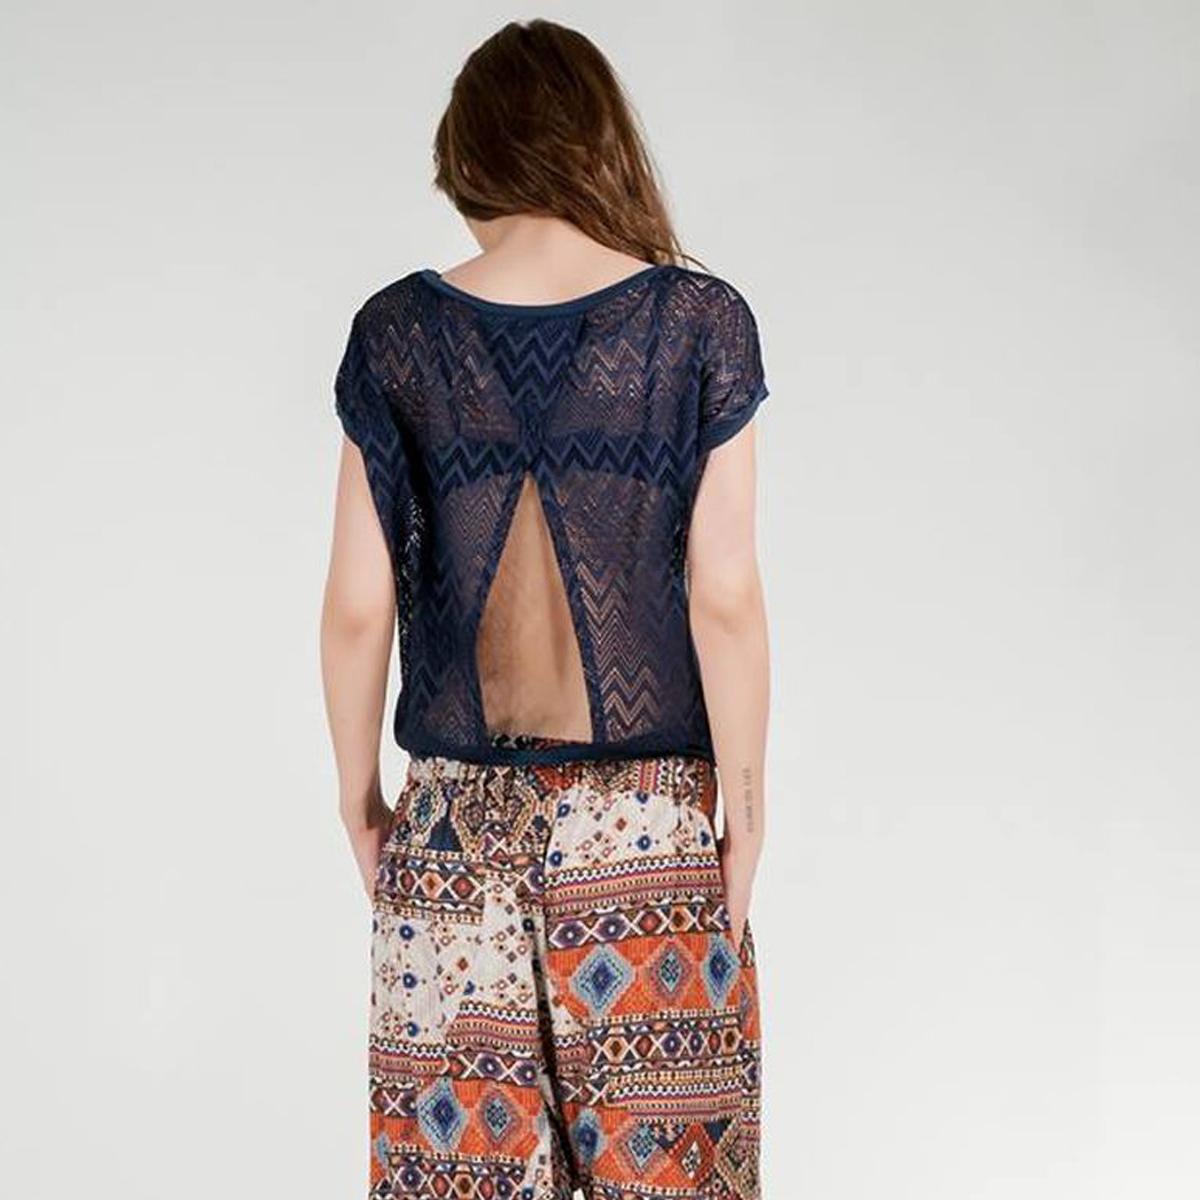 Μπλούζα δαντέλα ανοιχτή πλάτη - Dressme 26c2095d372